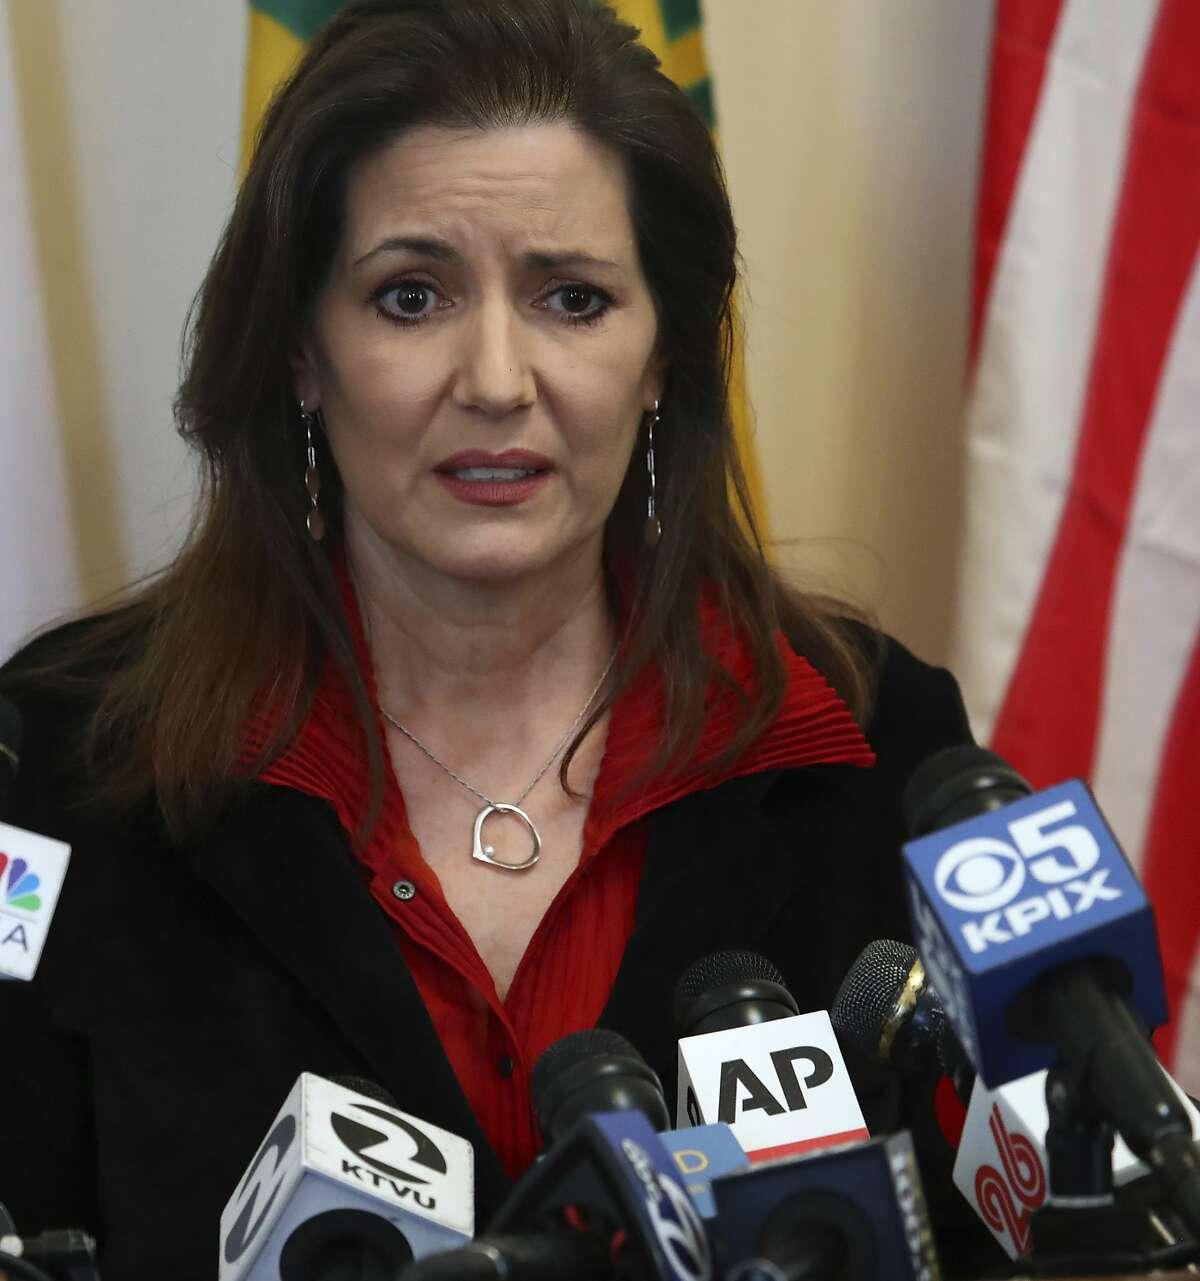 Oakland Mayor Libby Schaaf: No endorsement In her words: